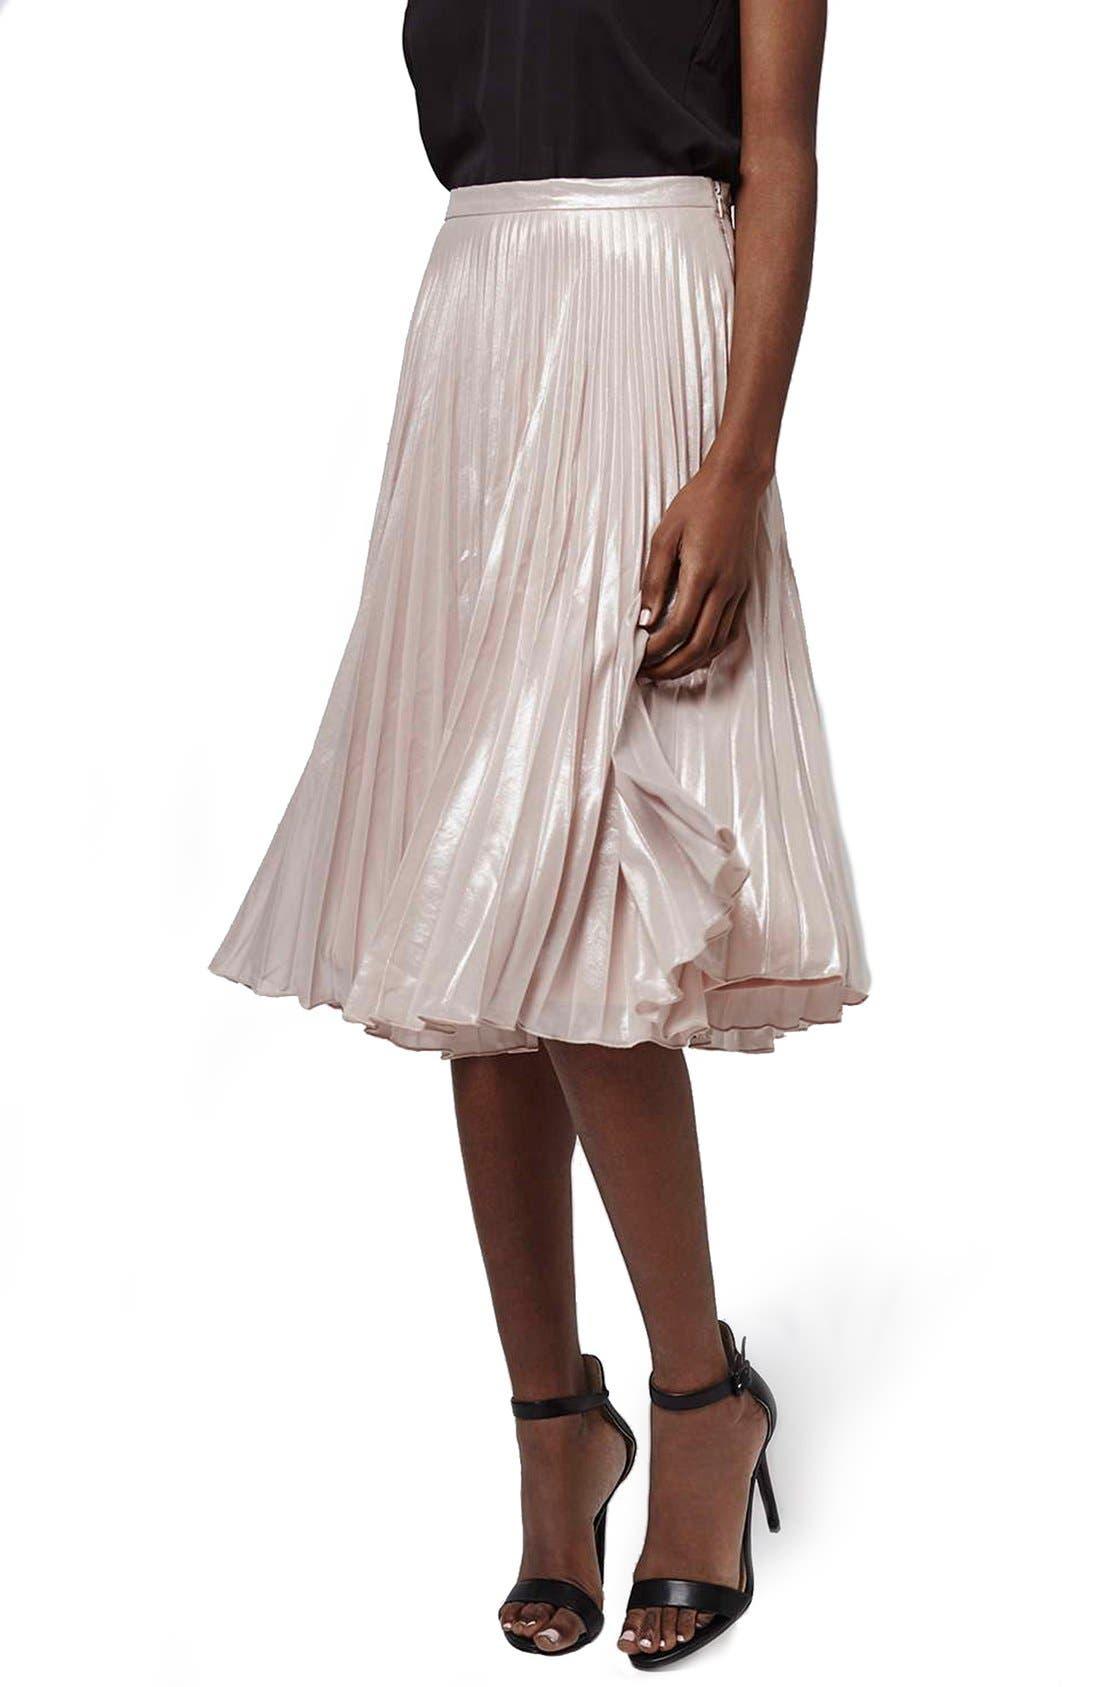 Alternate Image 1 Selected - Topshop Metallic Pleated Midi Skirt (Petite)